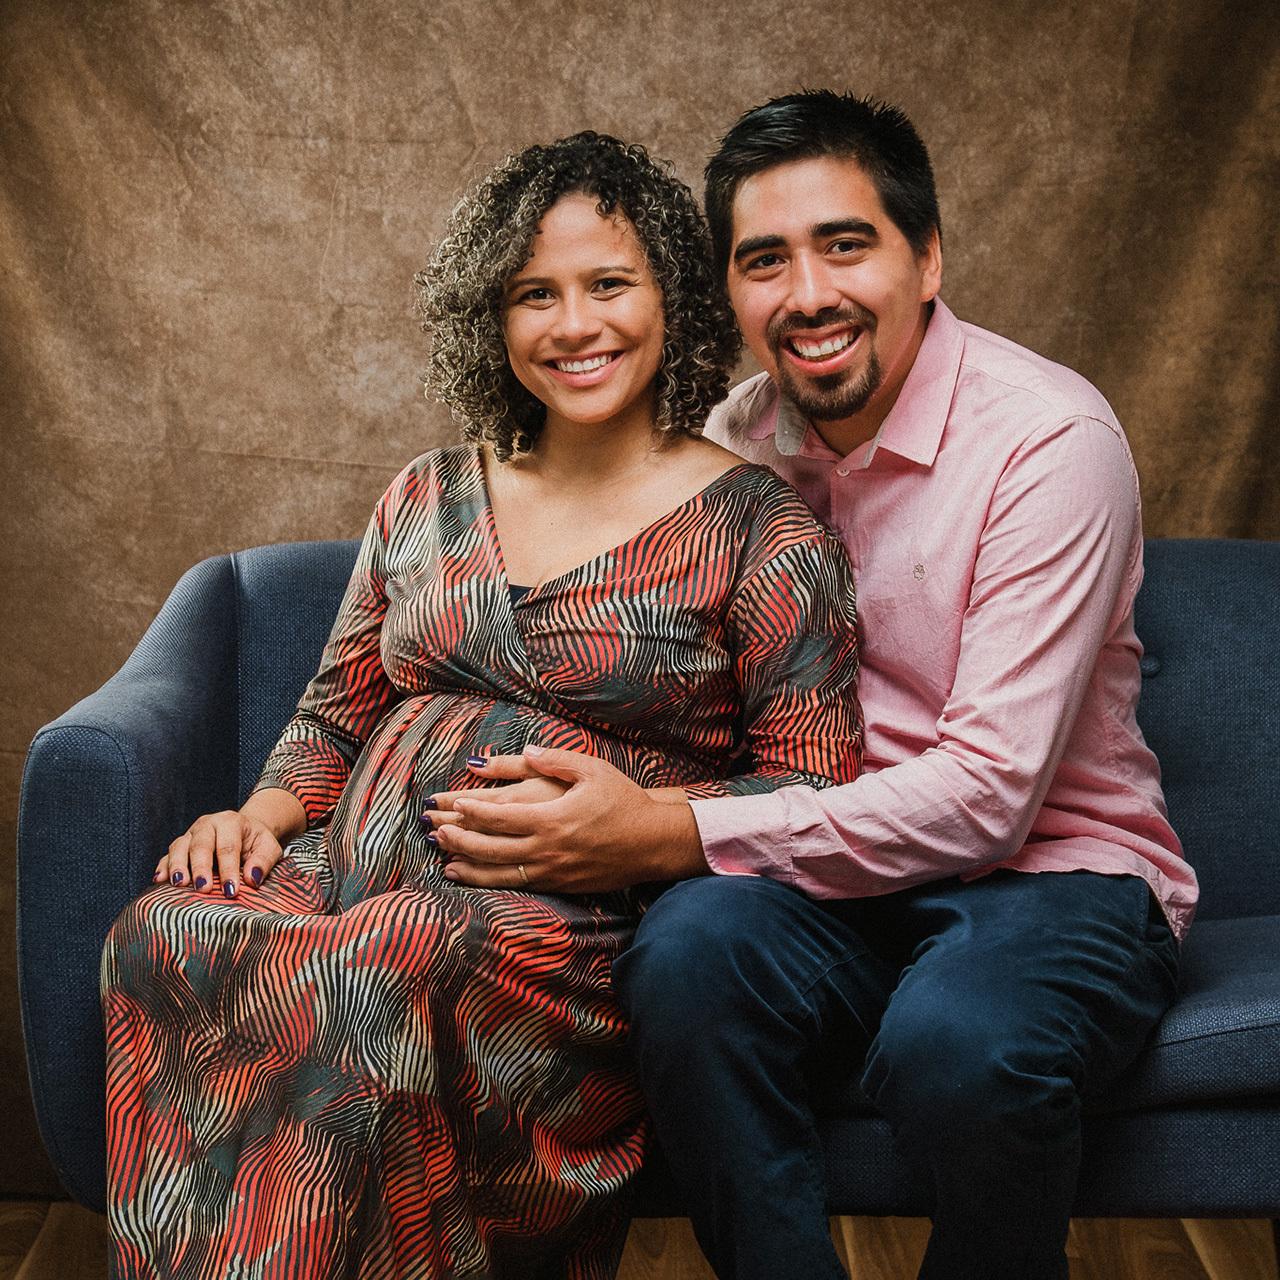 Sobre Os Pezzini l Fotógrafo de casamento em Manaus - AM